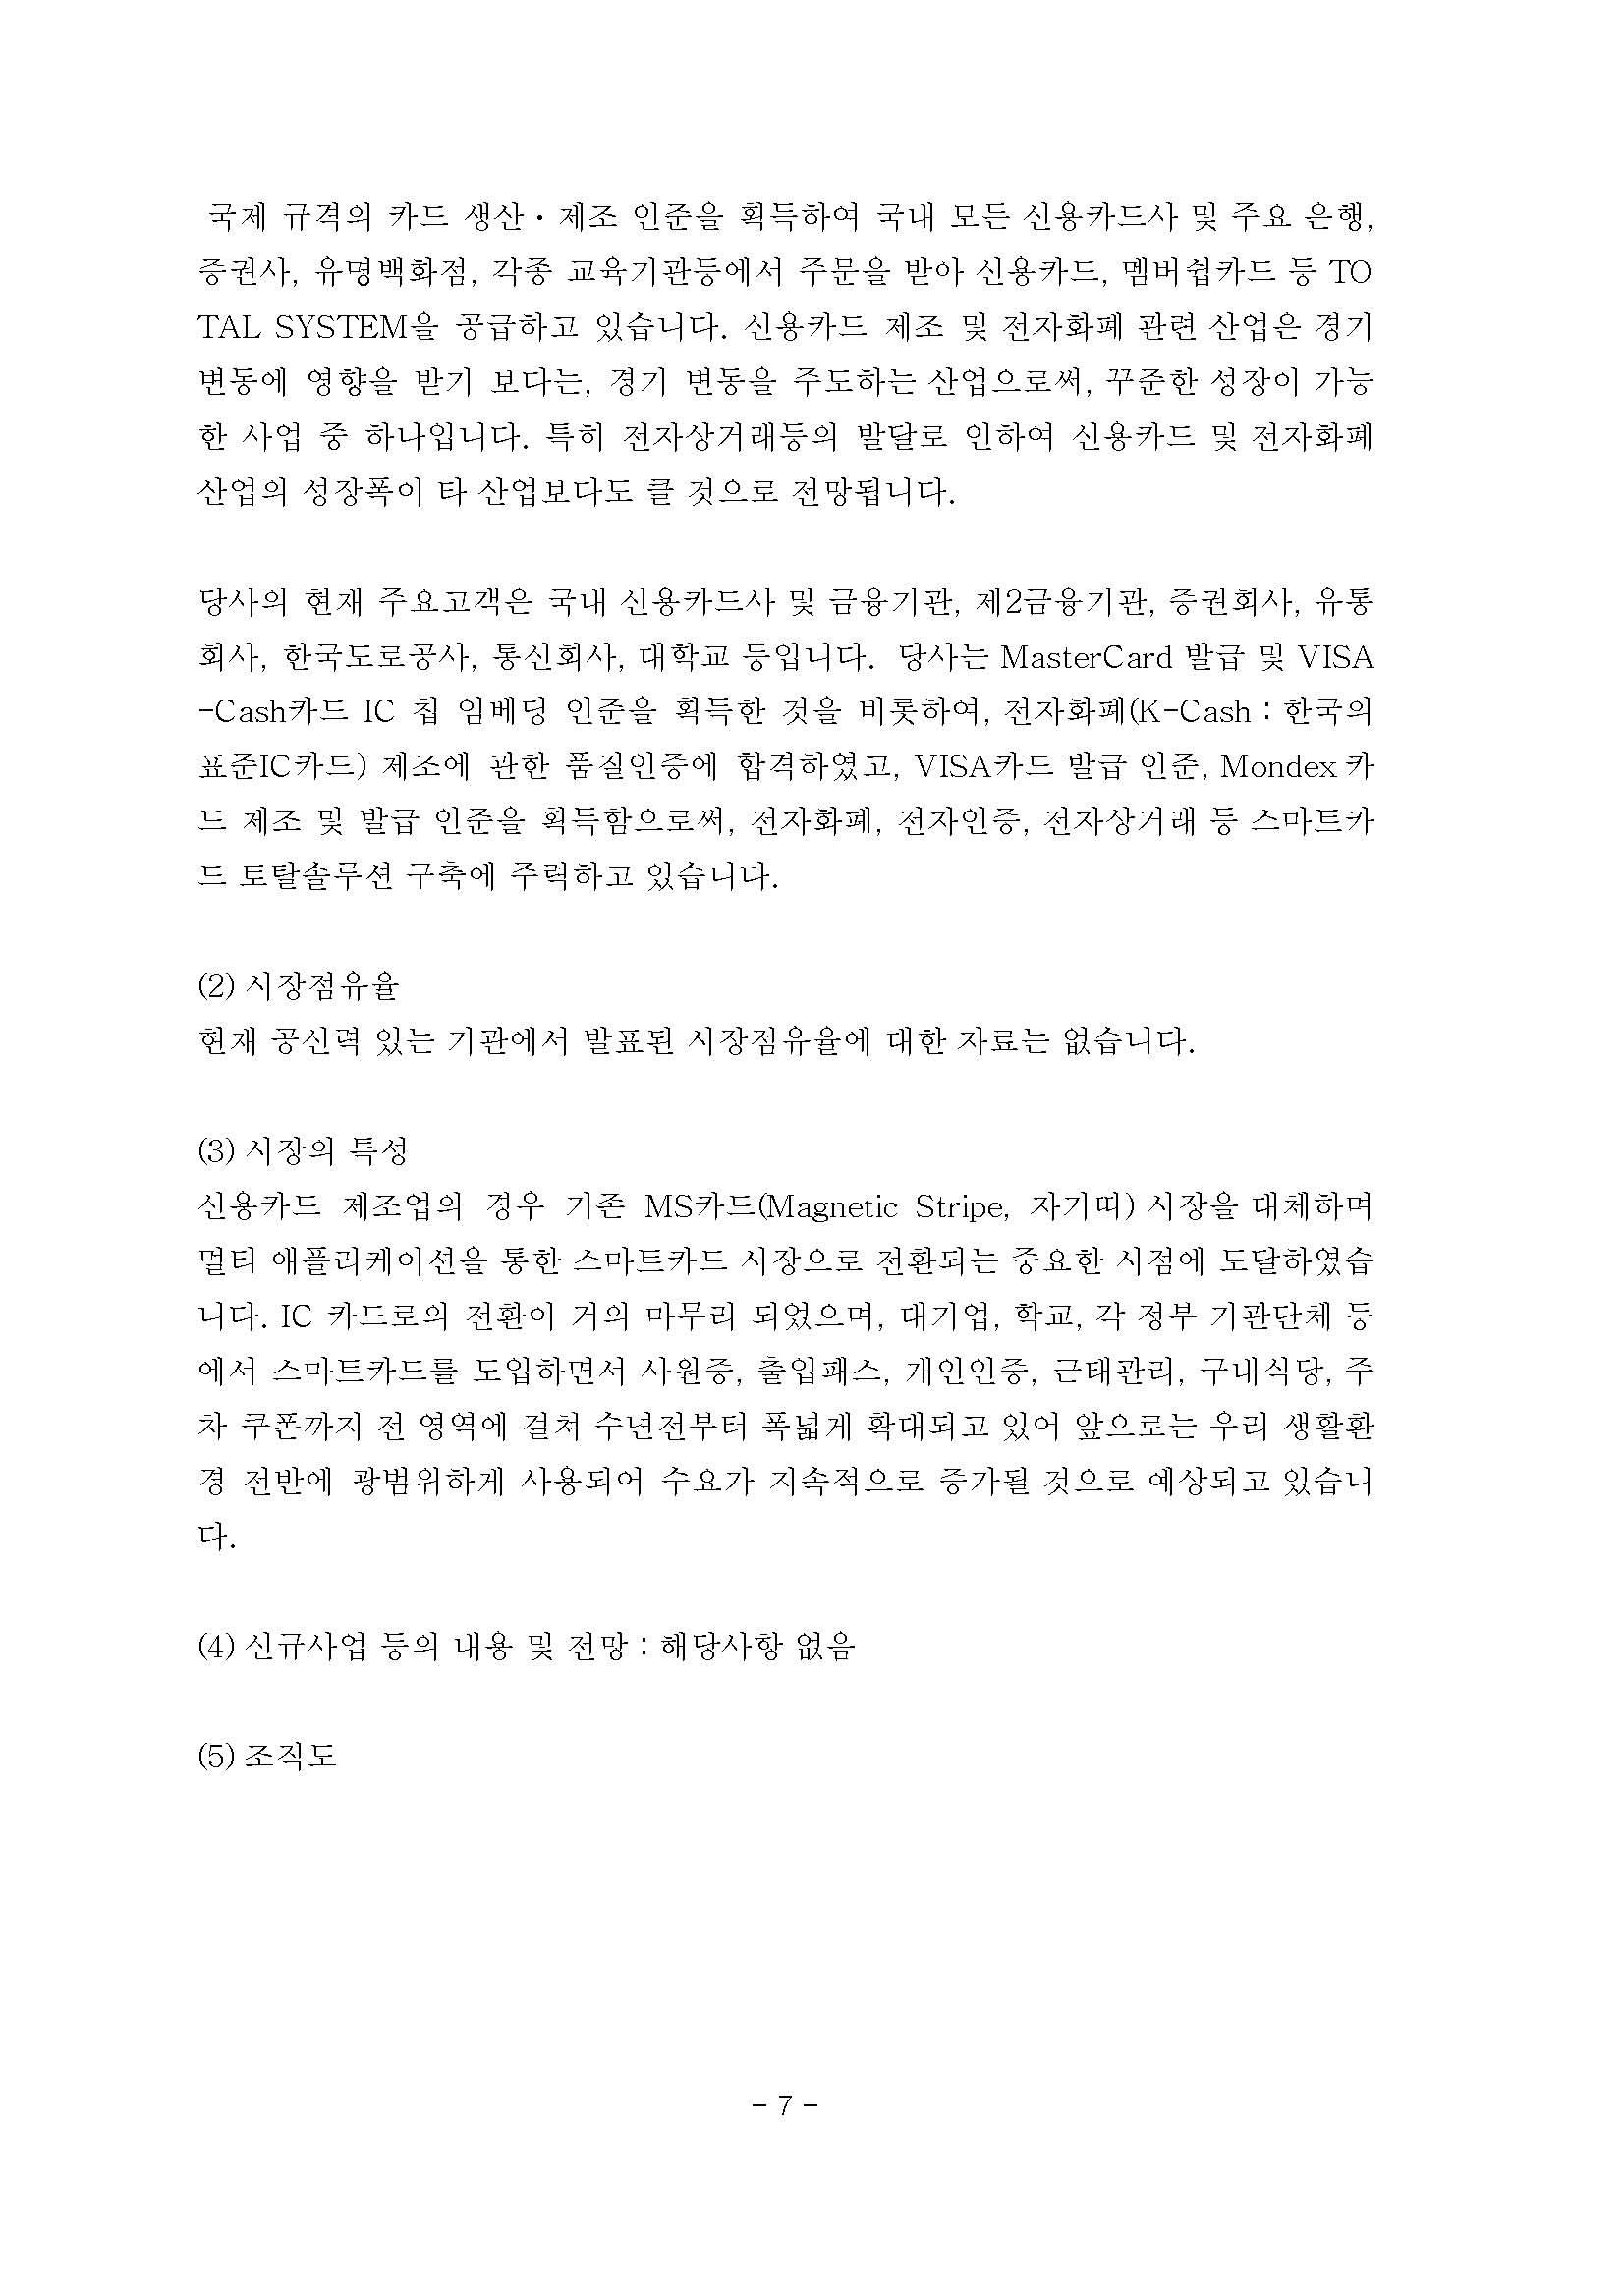 20180309 주주총회소집공고-바이오스마트_페이지_08.jpg